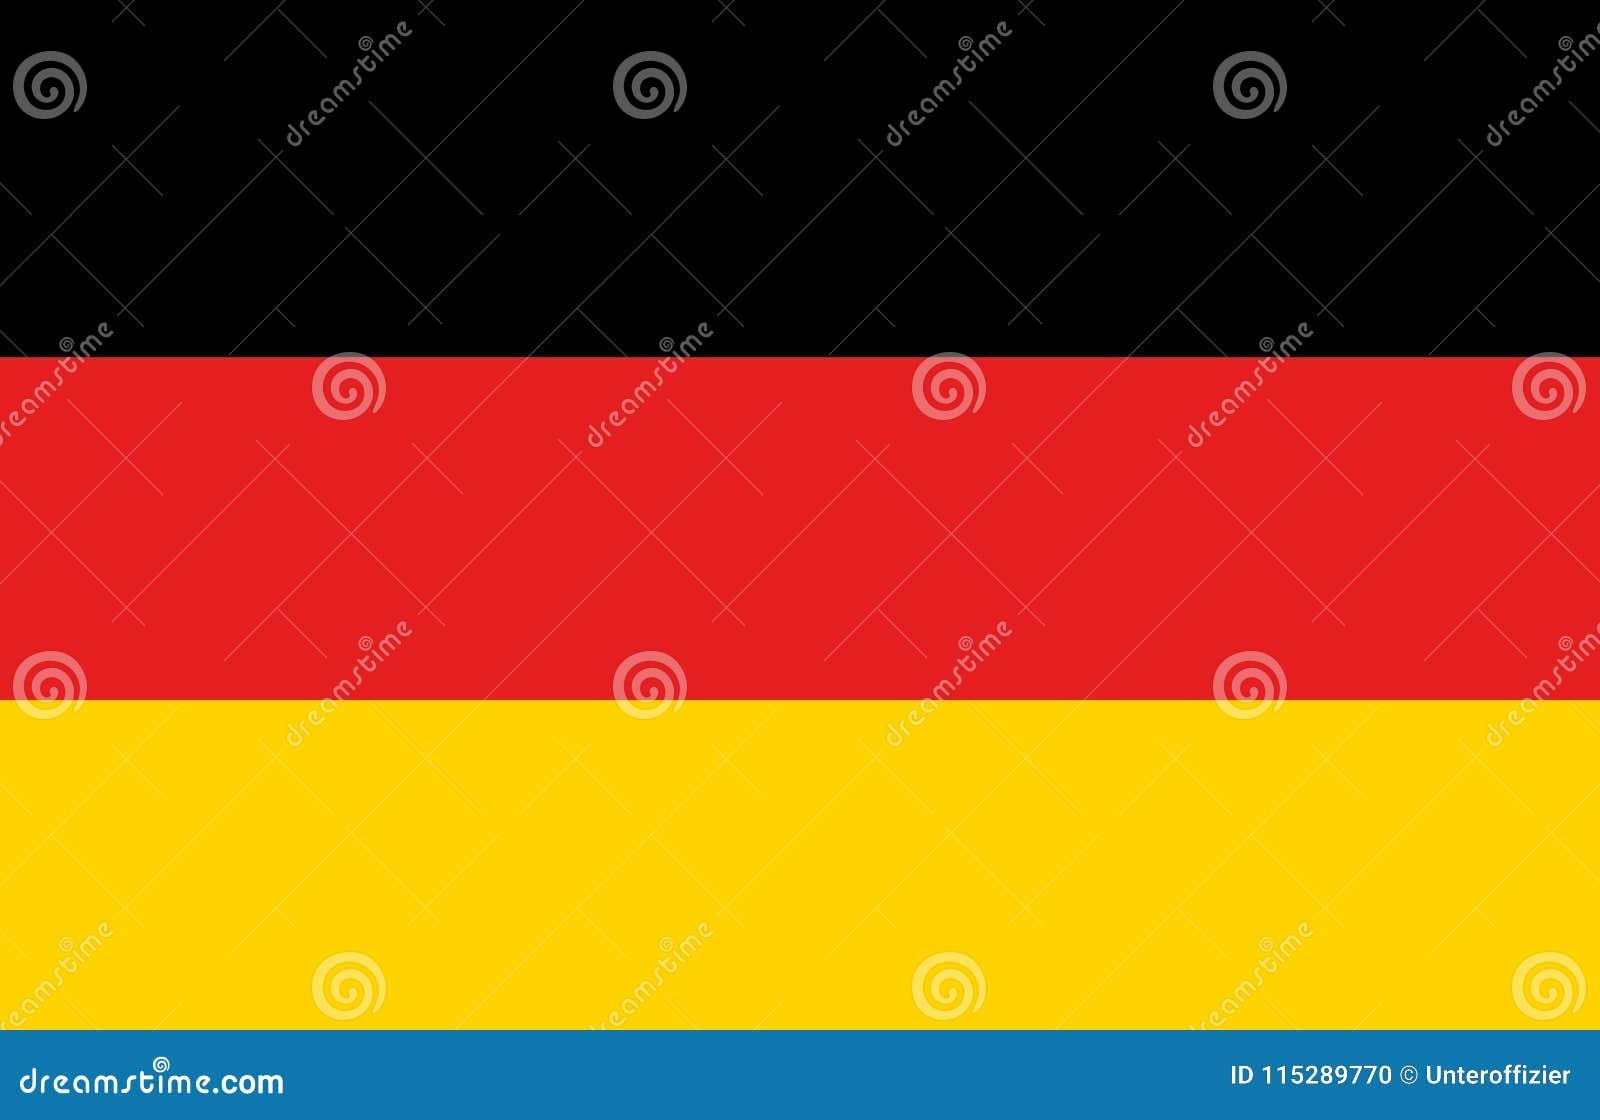 Un ejemplo generado por ordenador de los gráficos de la bandera de Alemania